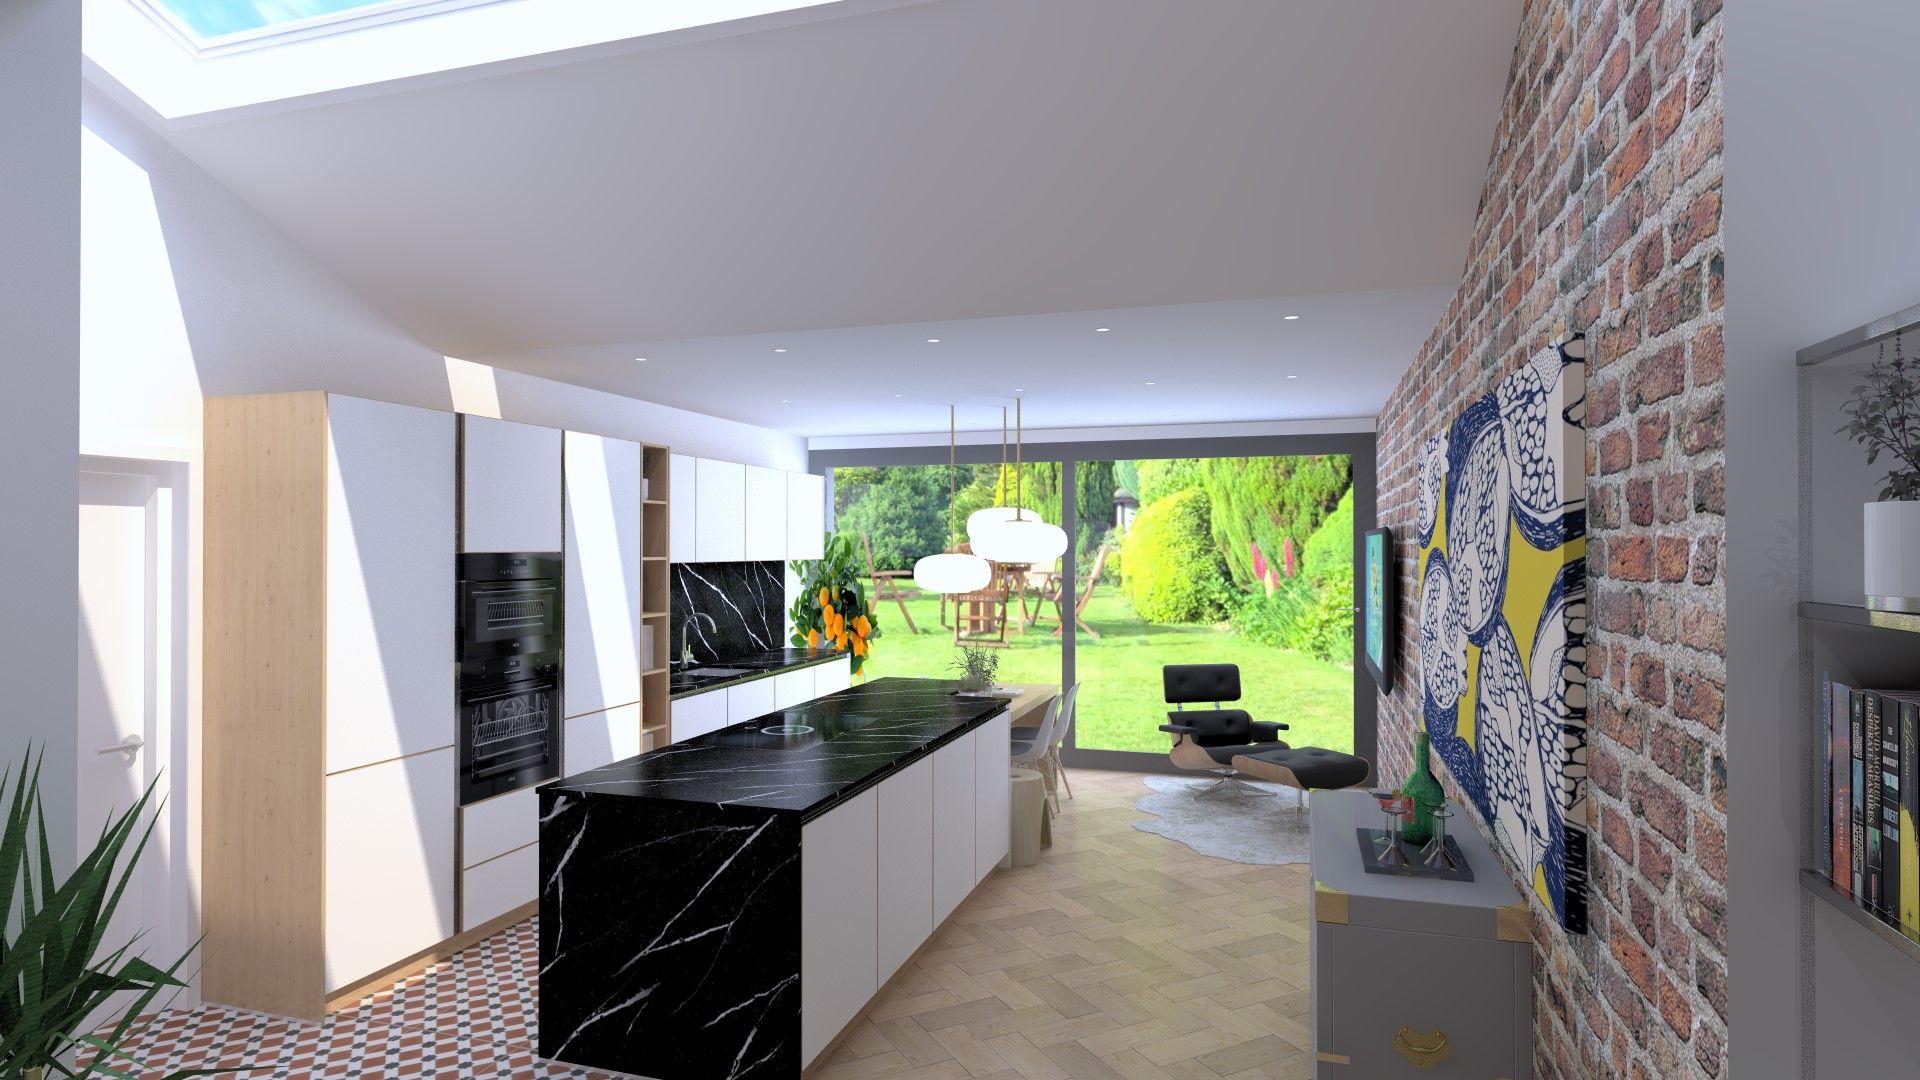 Best Schüller Strato Matt Kitchen With Images German 400 x 300